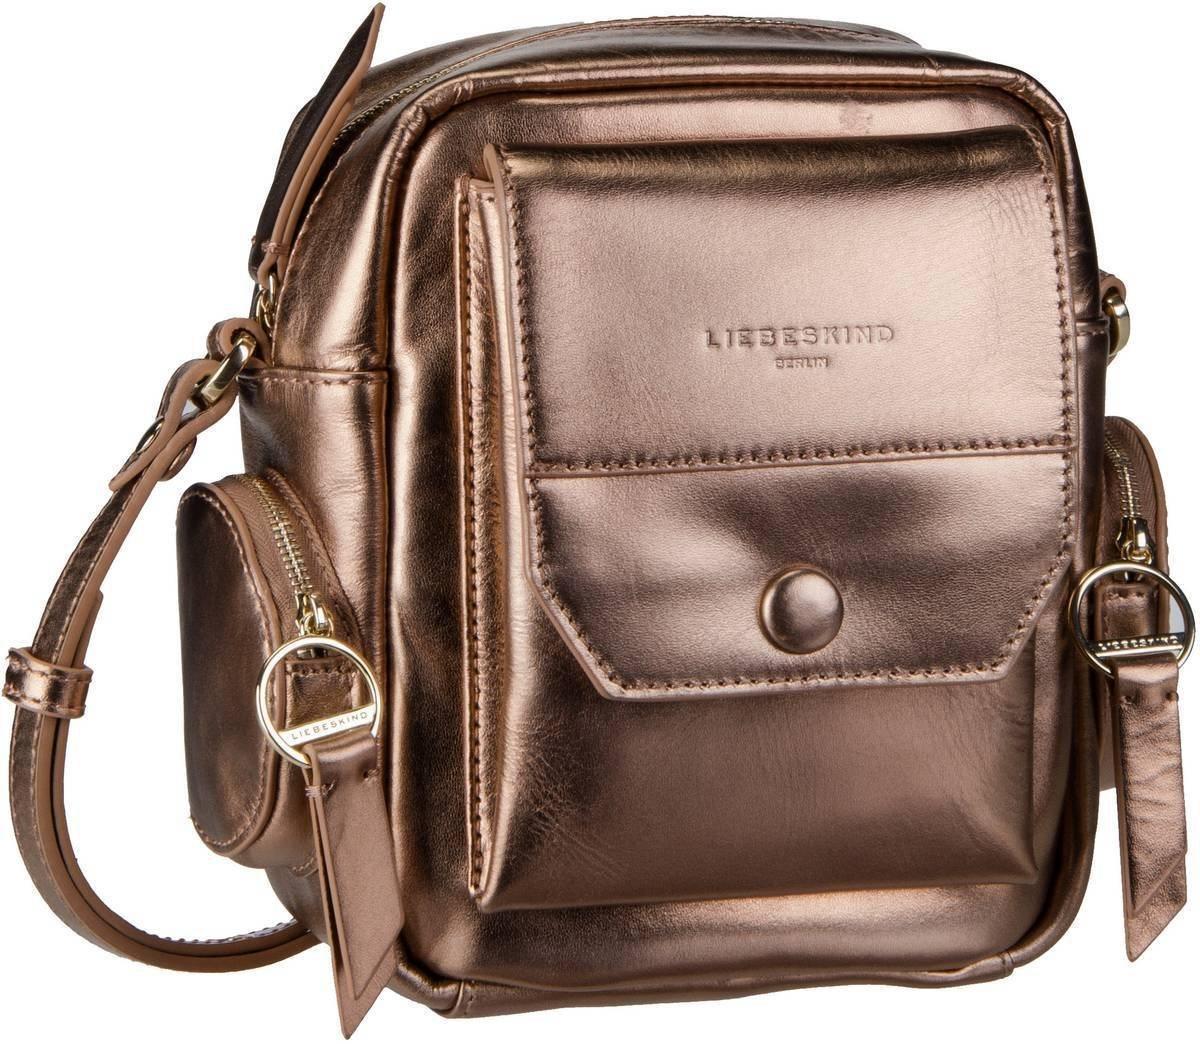 1b7e7d501 Taschen » metallic-leder Herren-Umhängetaschen online kaufen ...